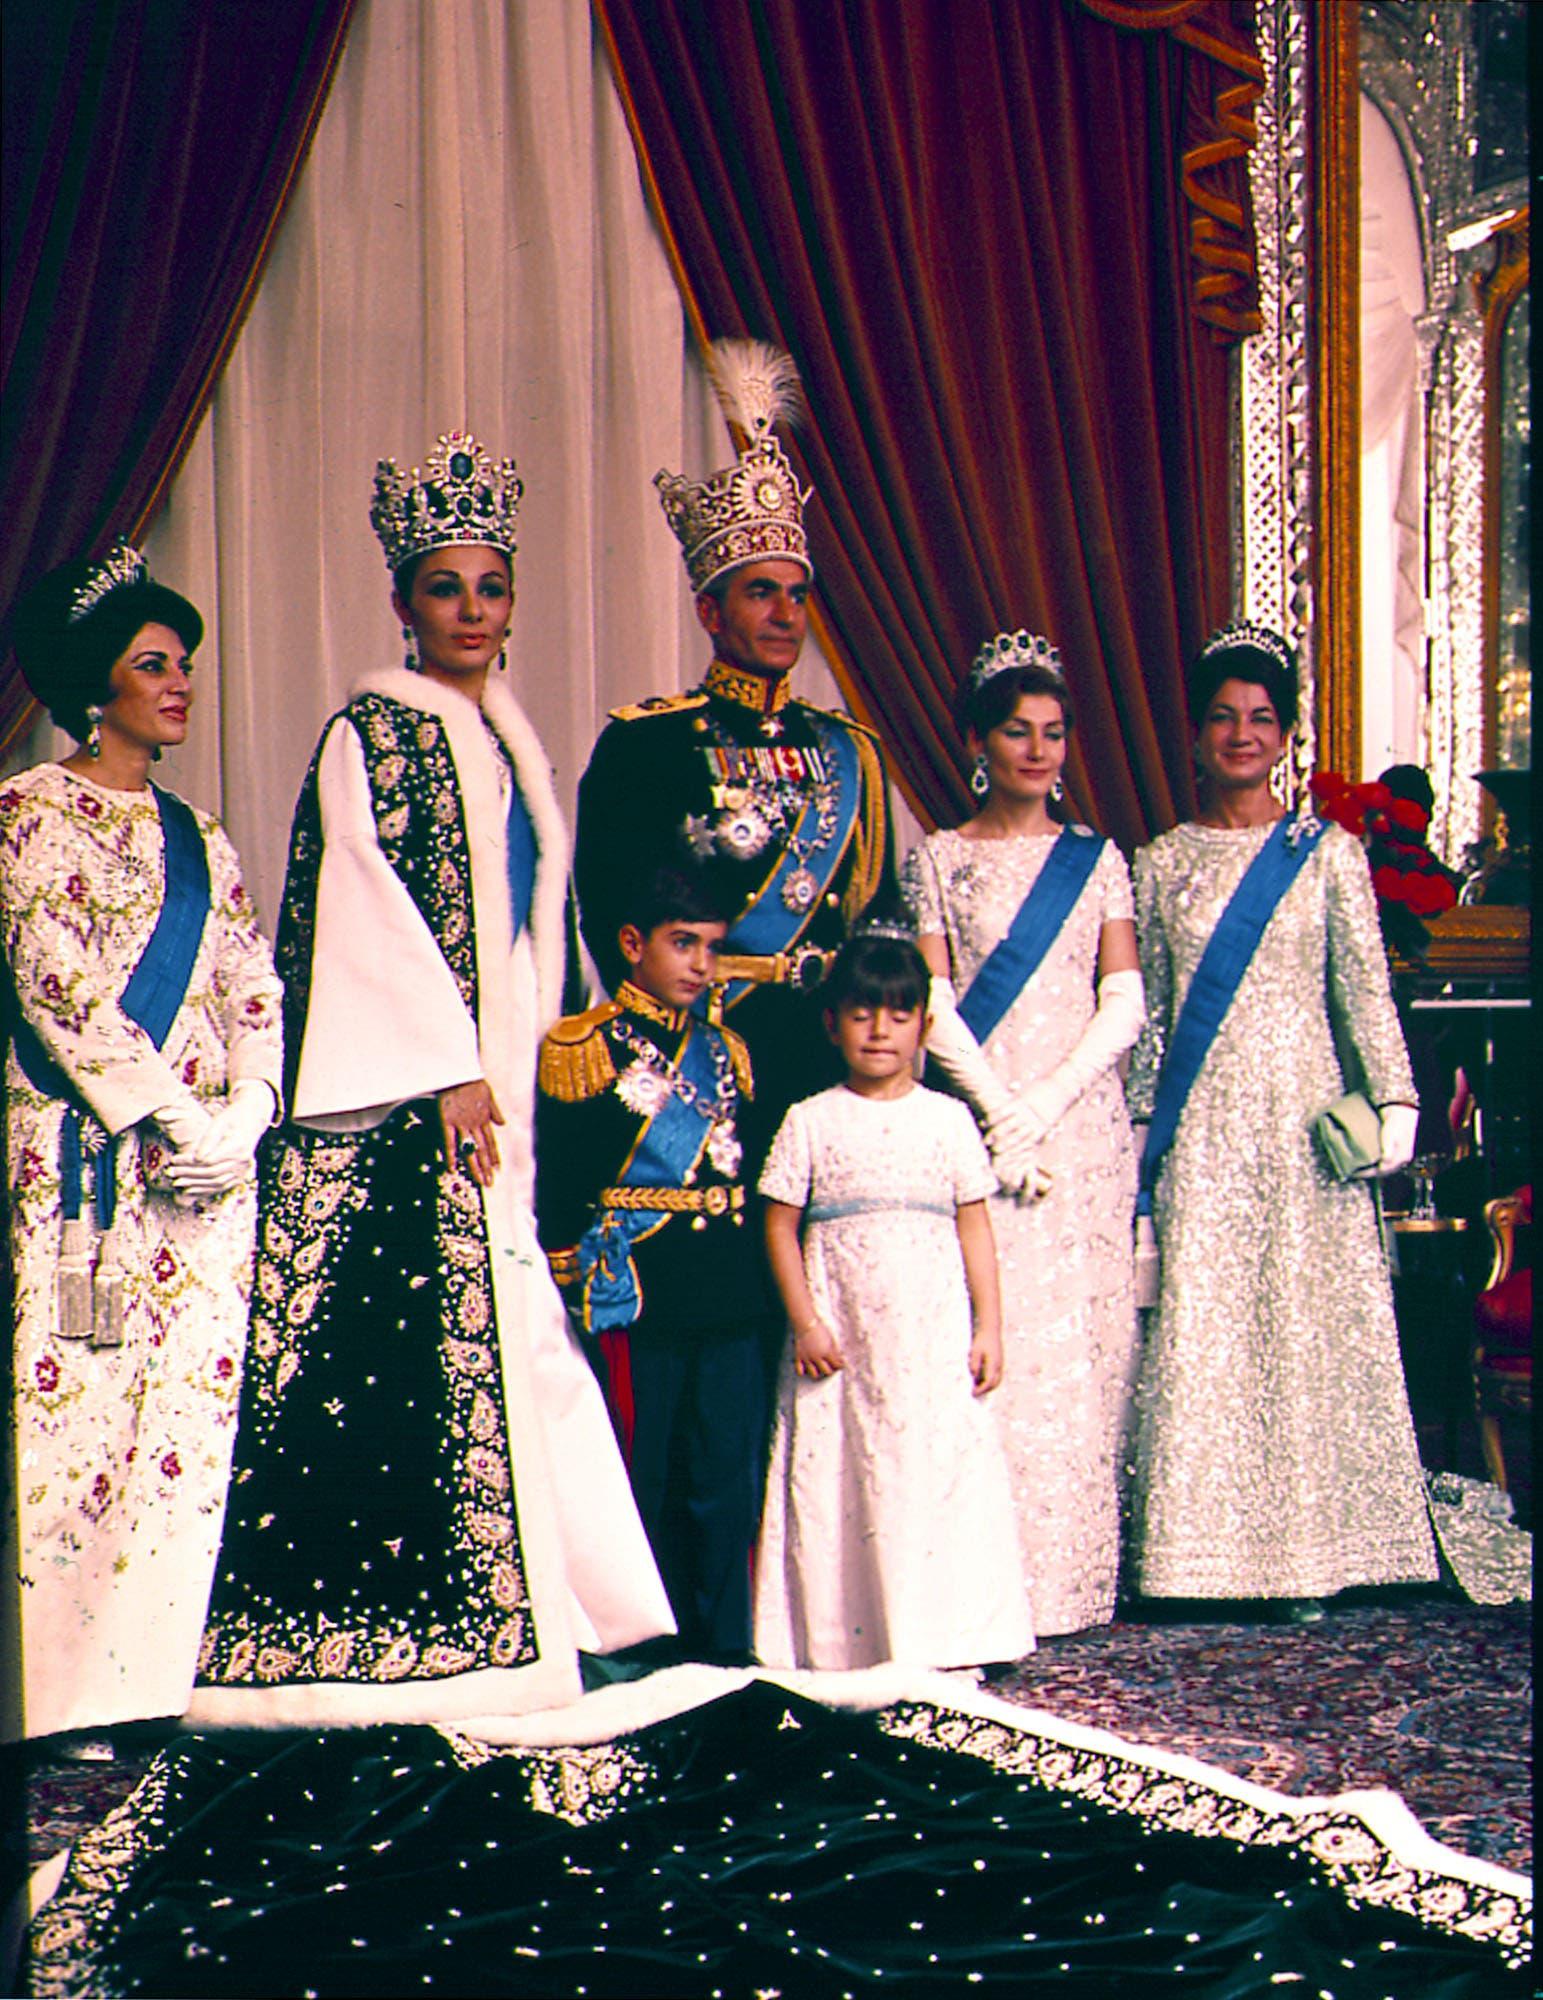 Iranian Princess Ashraf Shah S Twin Sister Dies At Age